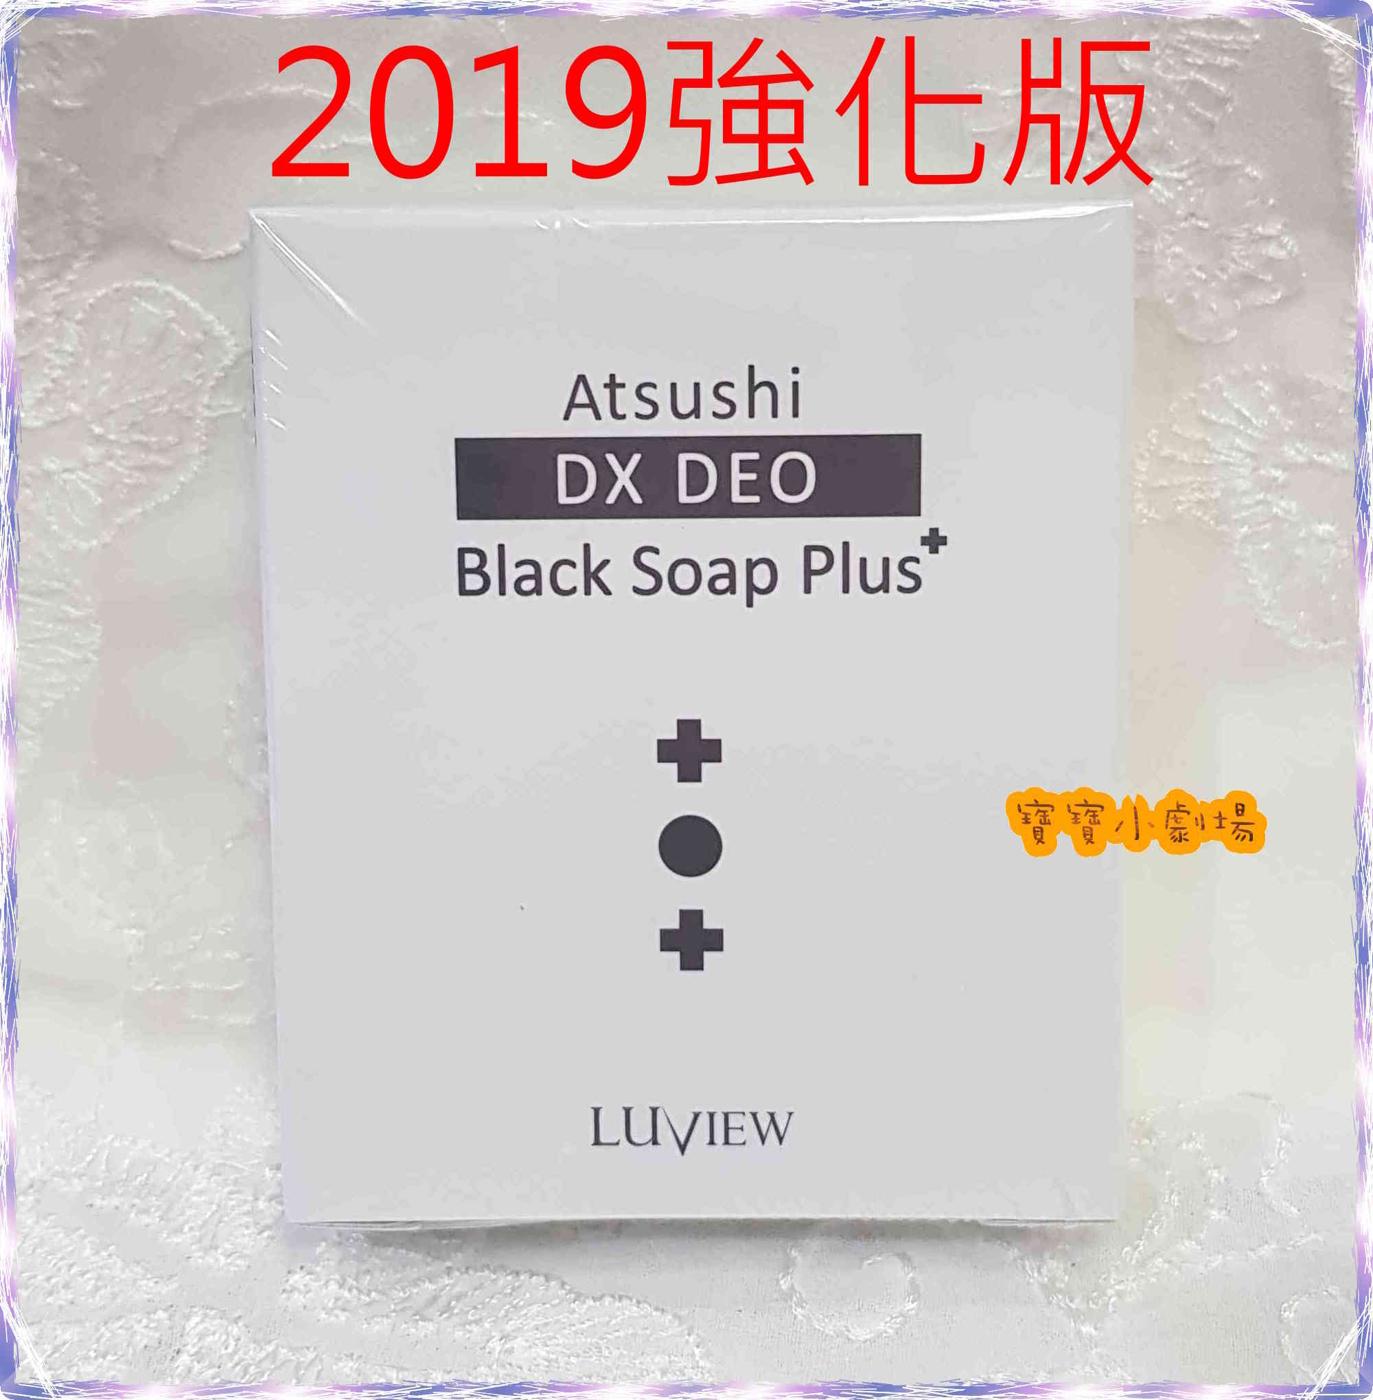 【2019強化版】Atsushi 淳 日本原裝 黑職柿軽肌皂DX/輕肌皂/酵素皂80g[寶寶小劇場][現貨不必等]